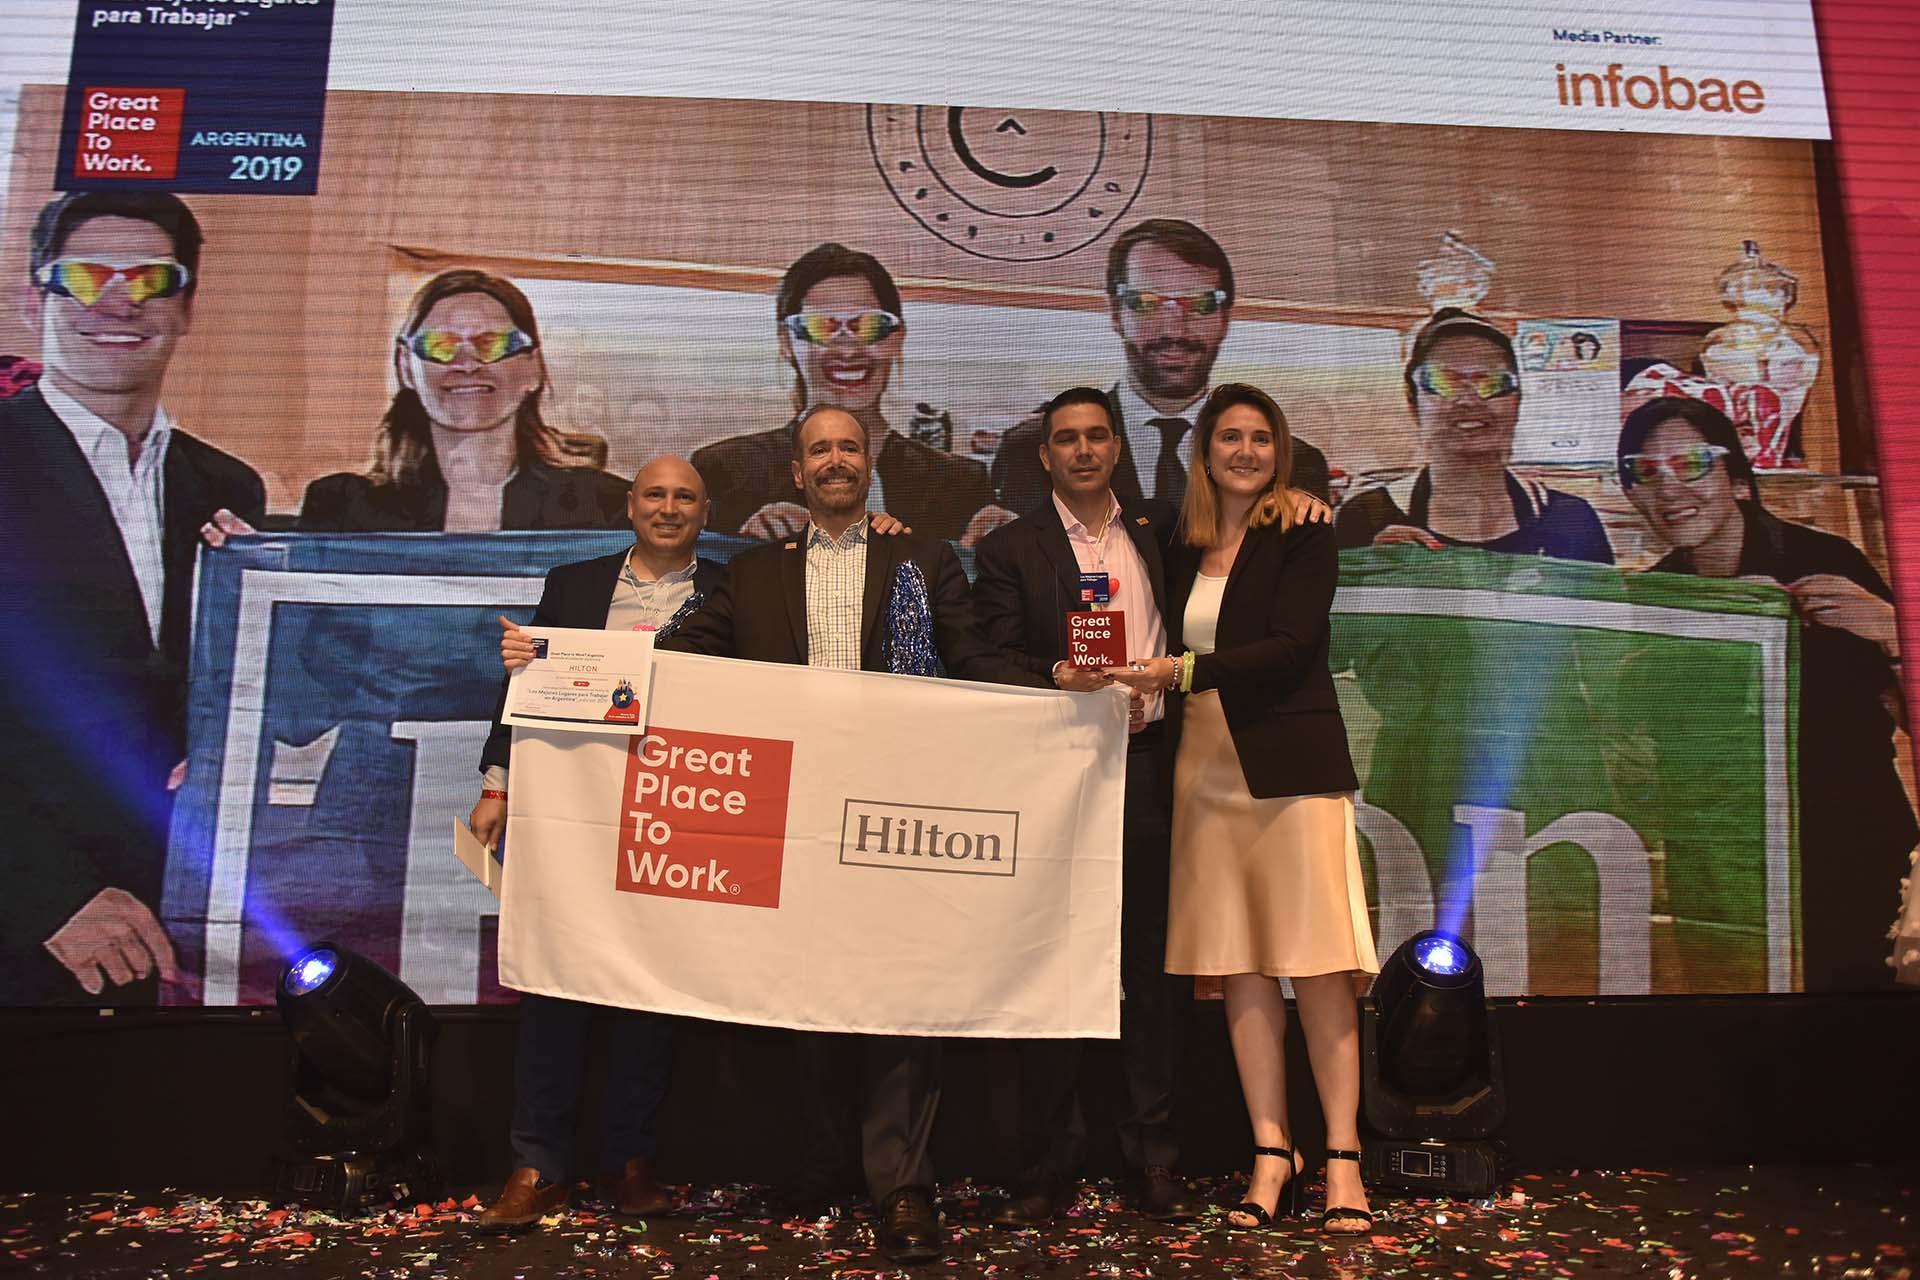 El equipo del Hilton Argentina participó por primera vez del ranking y se posicionó como el mejor lugar para trabajar en la categoría de 251 empleados a 1000 colaboradores